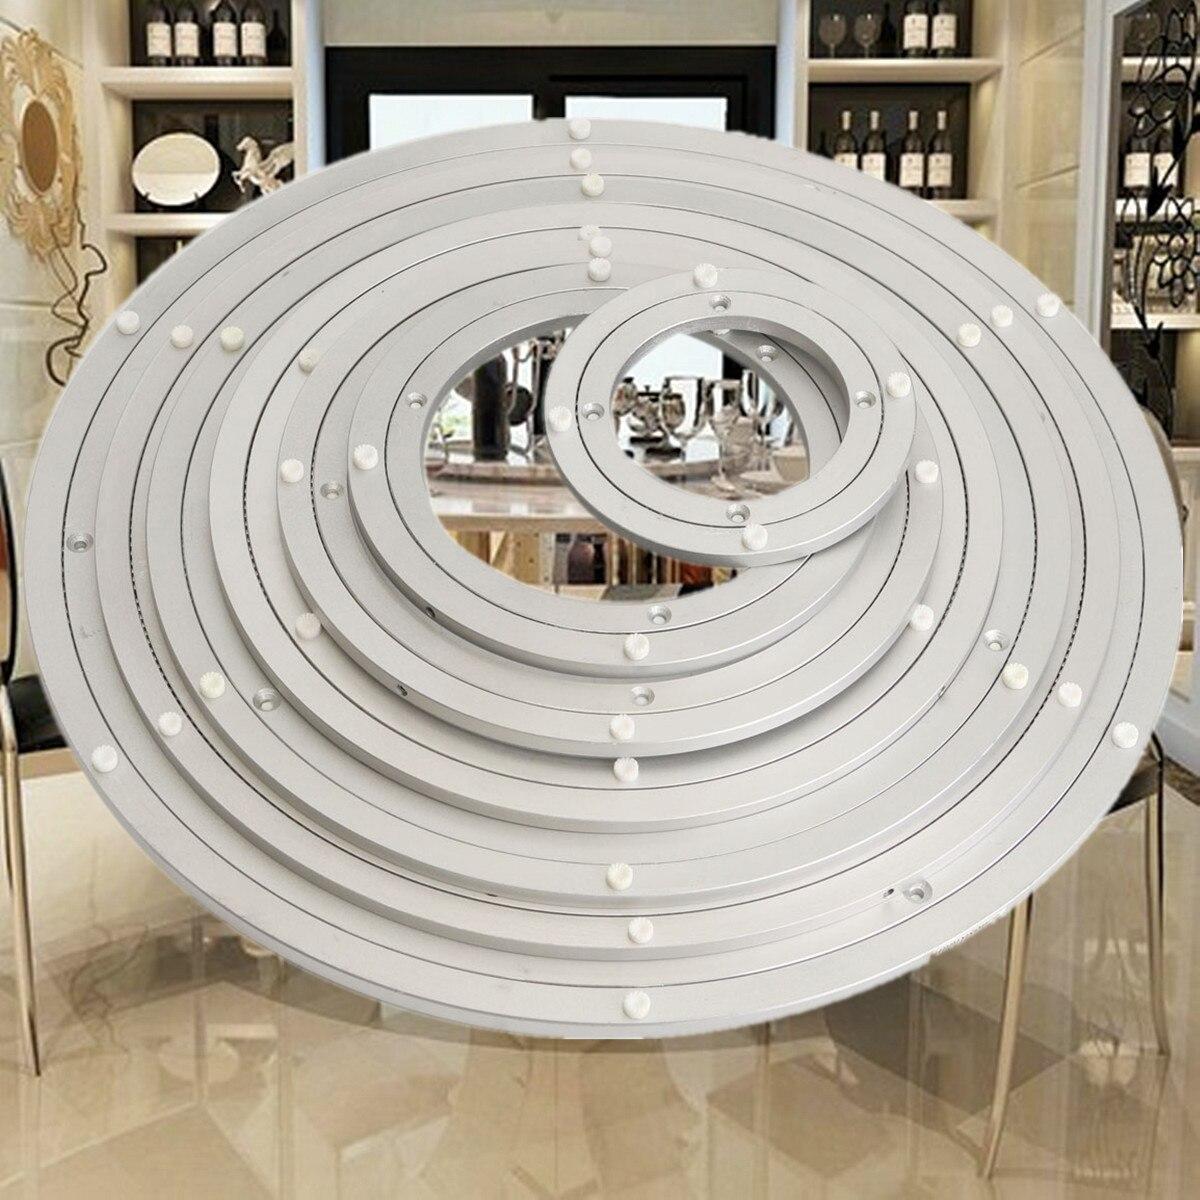 Schwere Aluminium Rotierenden Lager Plattenspieler Runde Schwenker-platte Geschraubt Oder Feste Oberfläche Glatte Einfach Setup Drehen Tisch Heimwerker